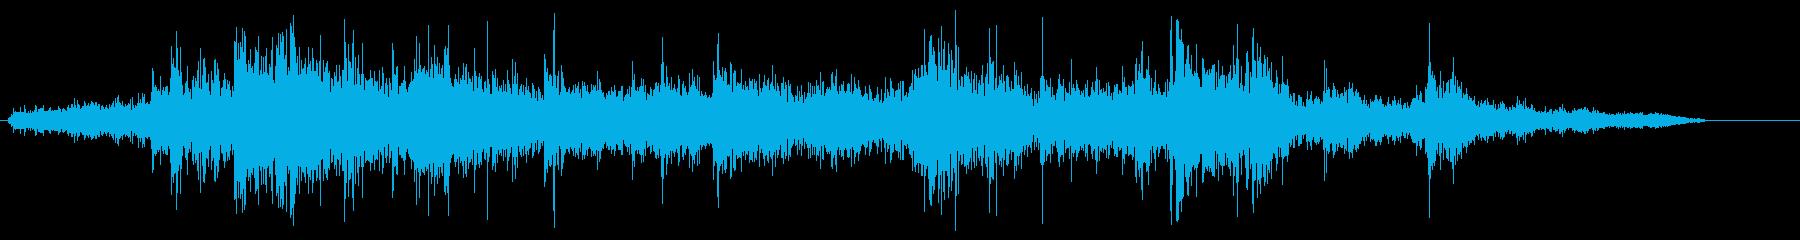 ガラガラ(ガラス製の引き戸を開ける音)の再生済みの波形